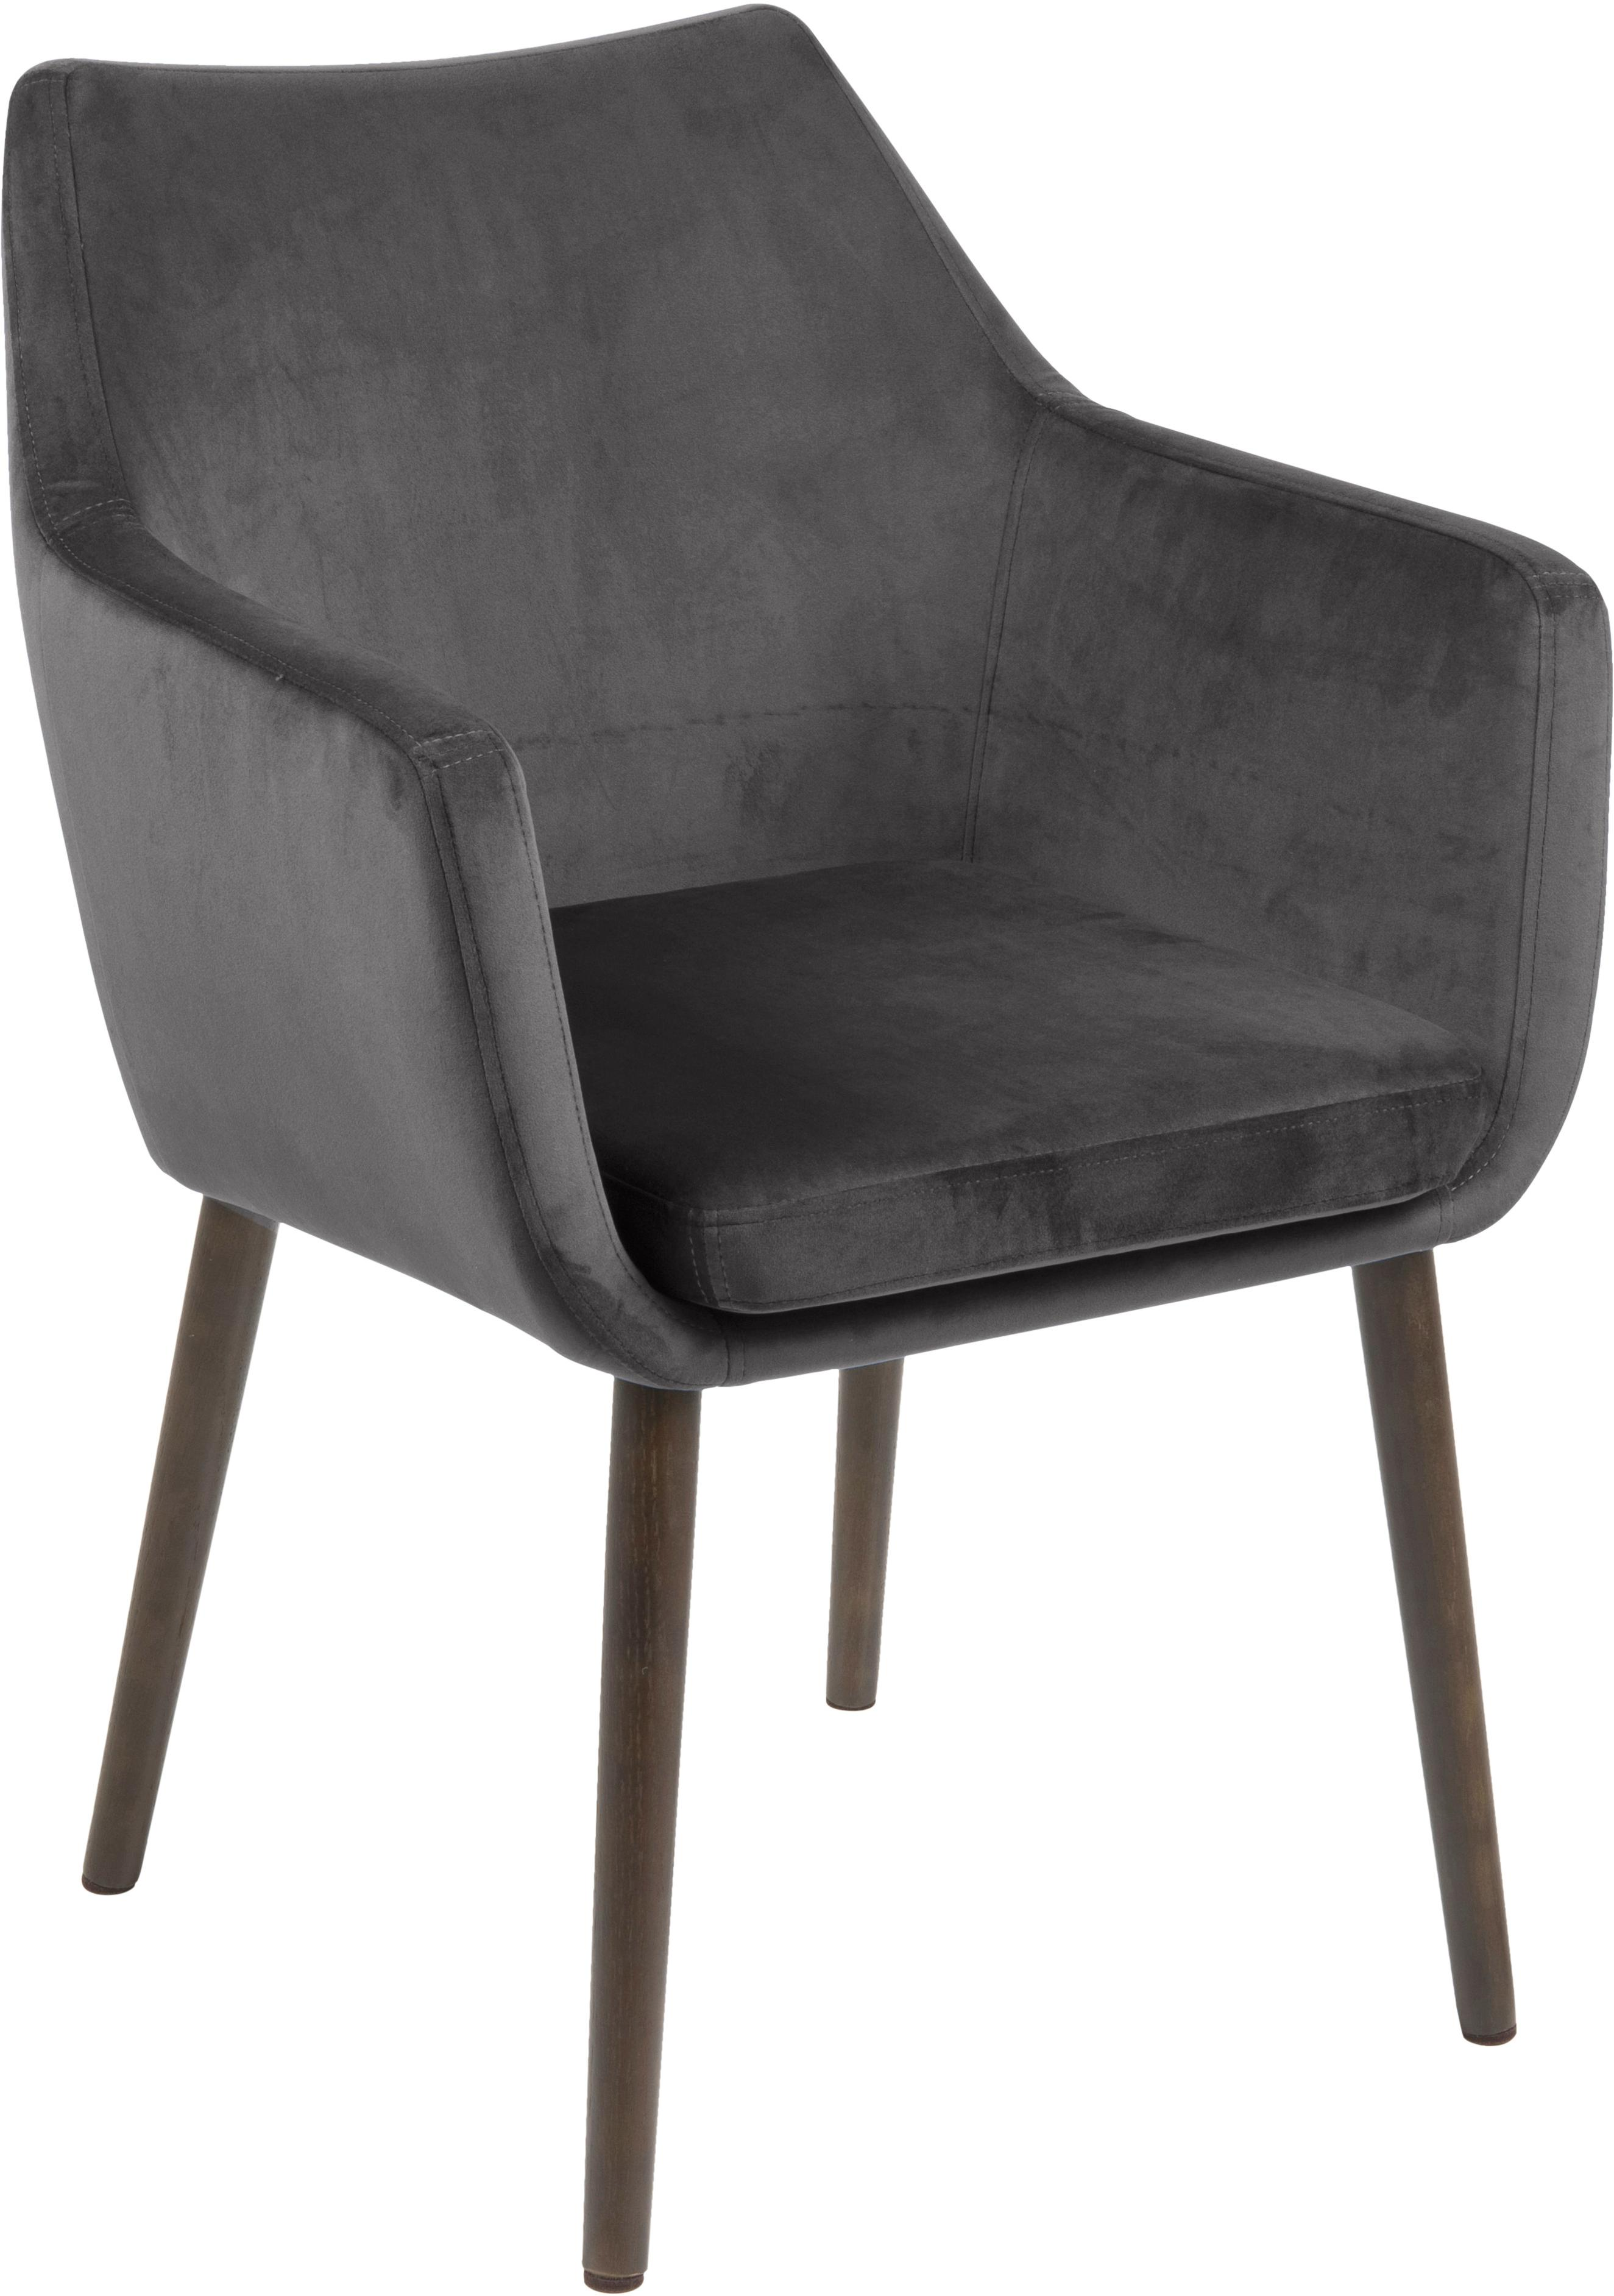 Sedia con braccioli in velluto Nora, Rivestimento: poliestere (velluto), Gambe: legno di quercia, vernici, Grigio scuro, Larg. 58 x Alt. 84 cm